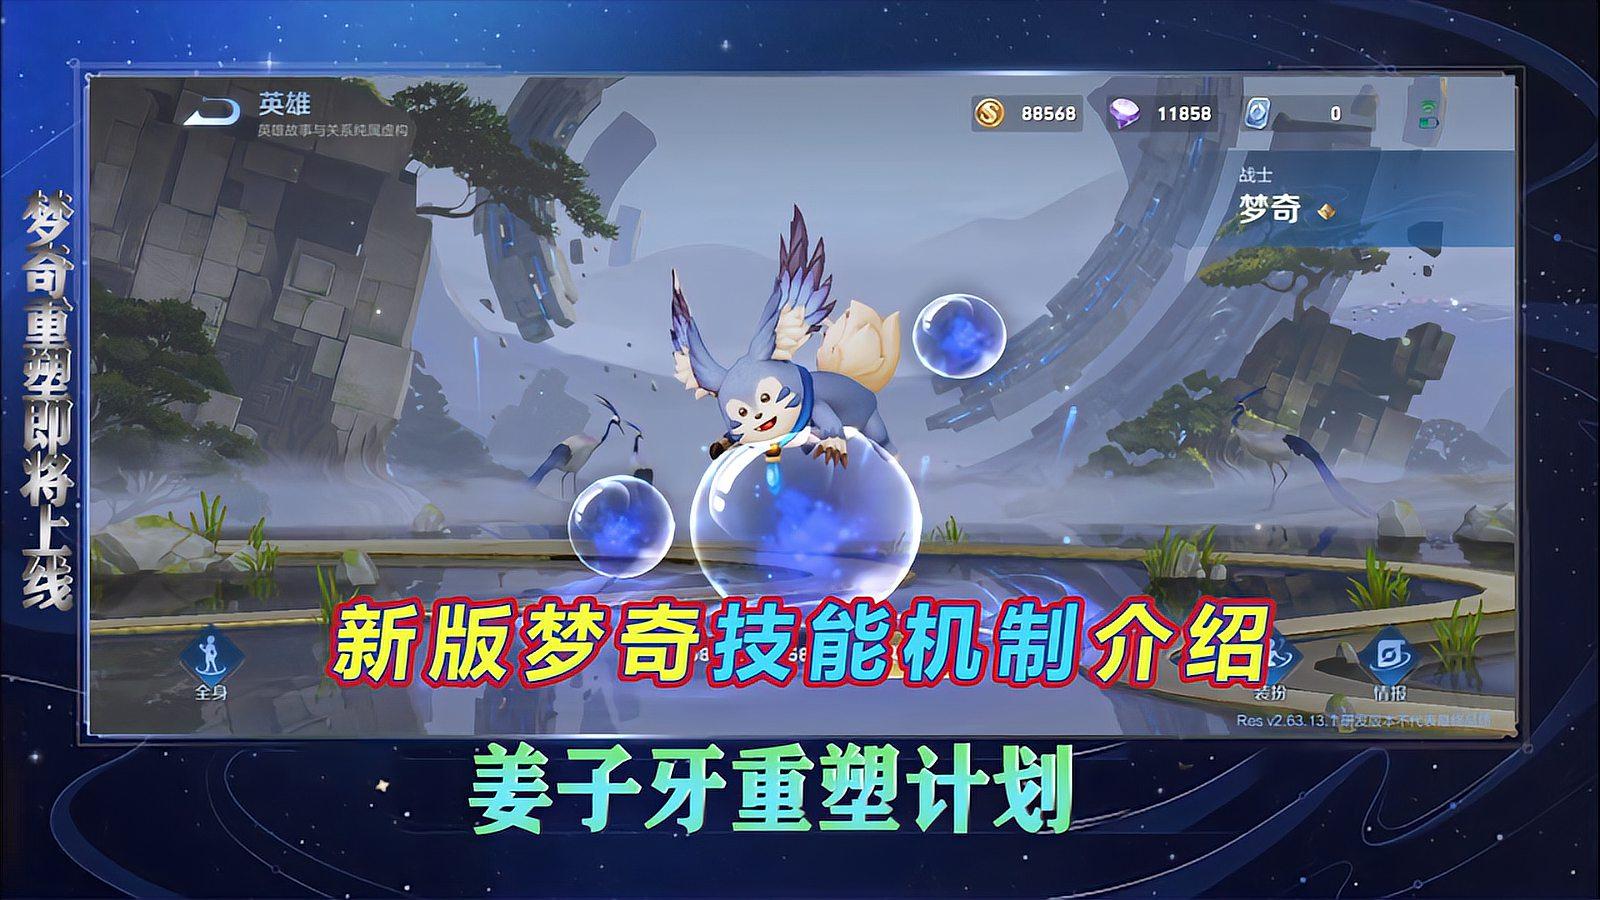 王者荣耀:新版梦奇上线,全新技能机制一览,姜子牙开启重塑计划